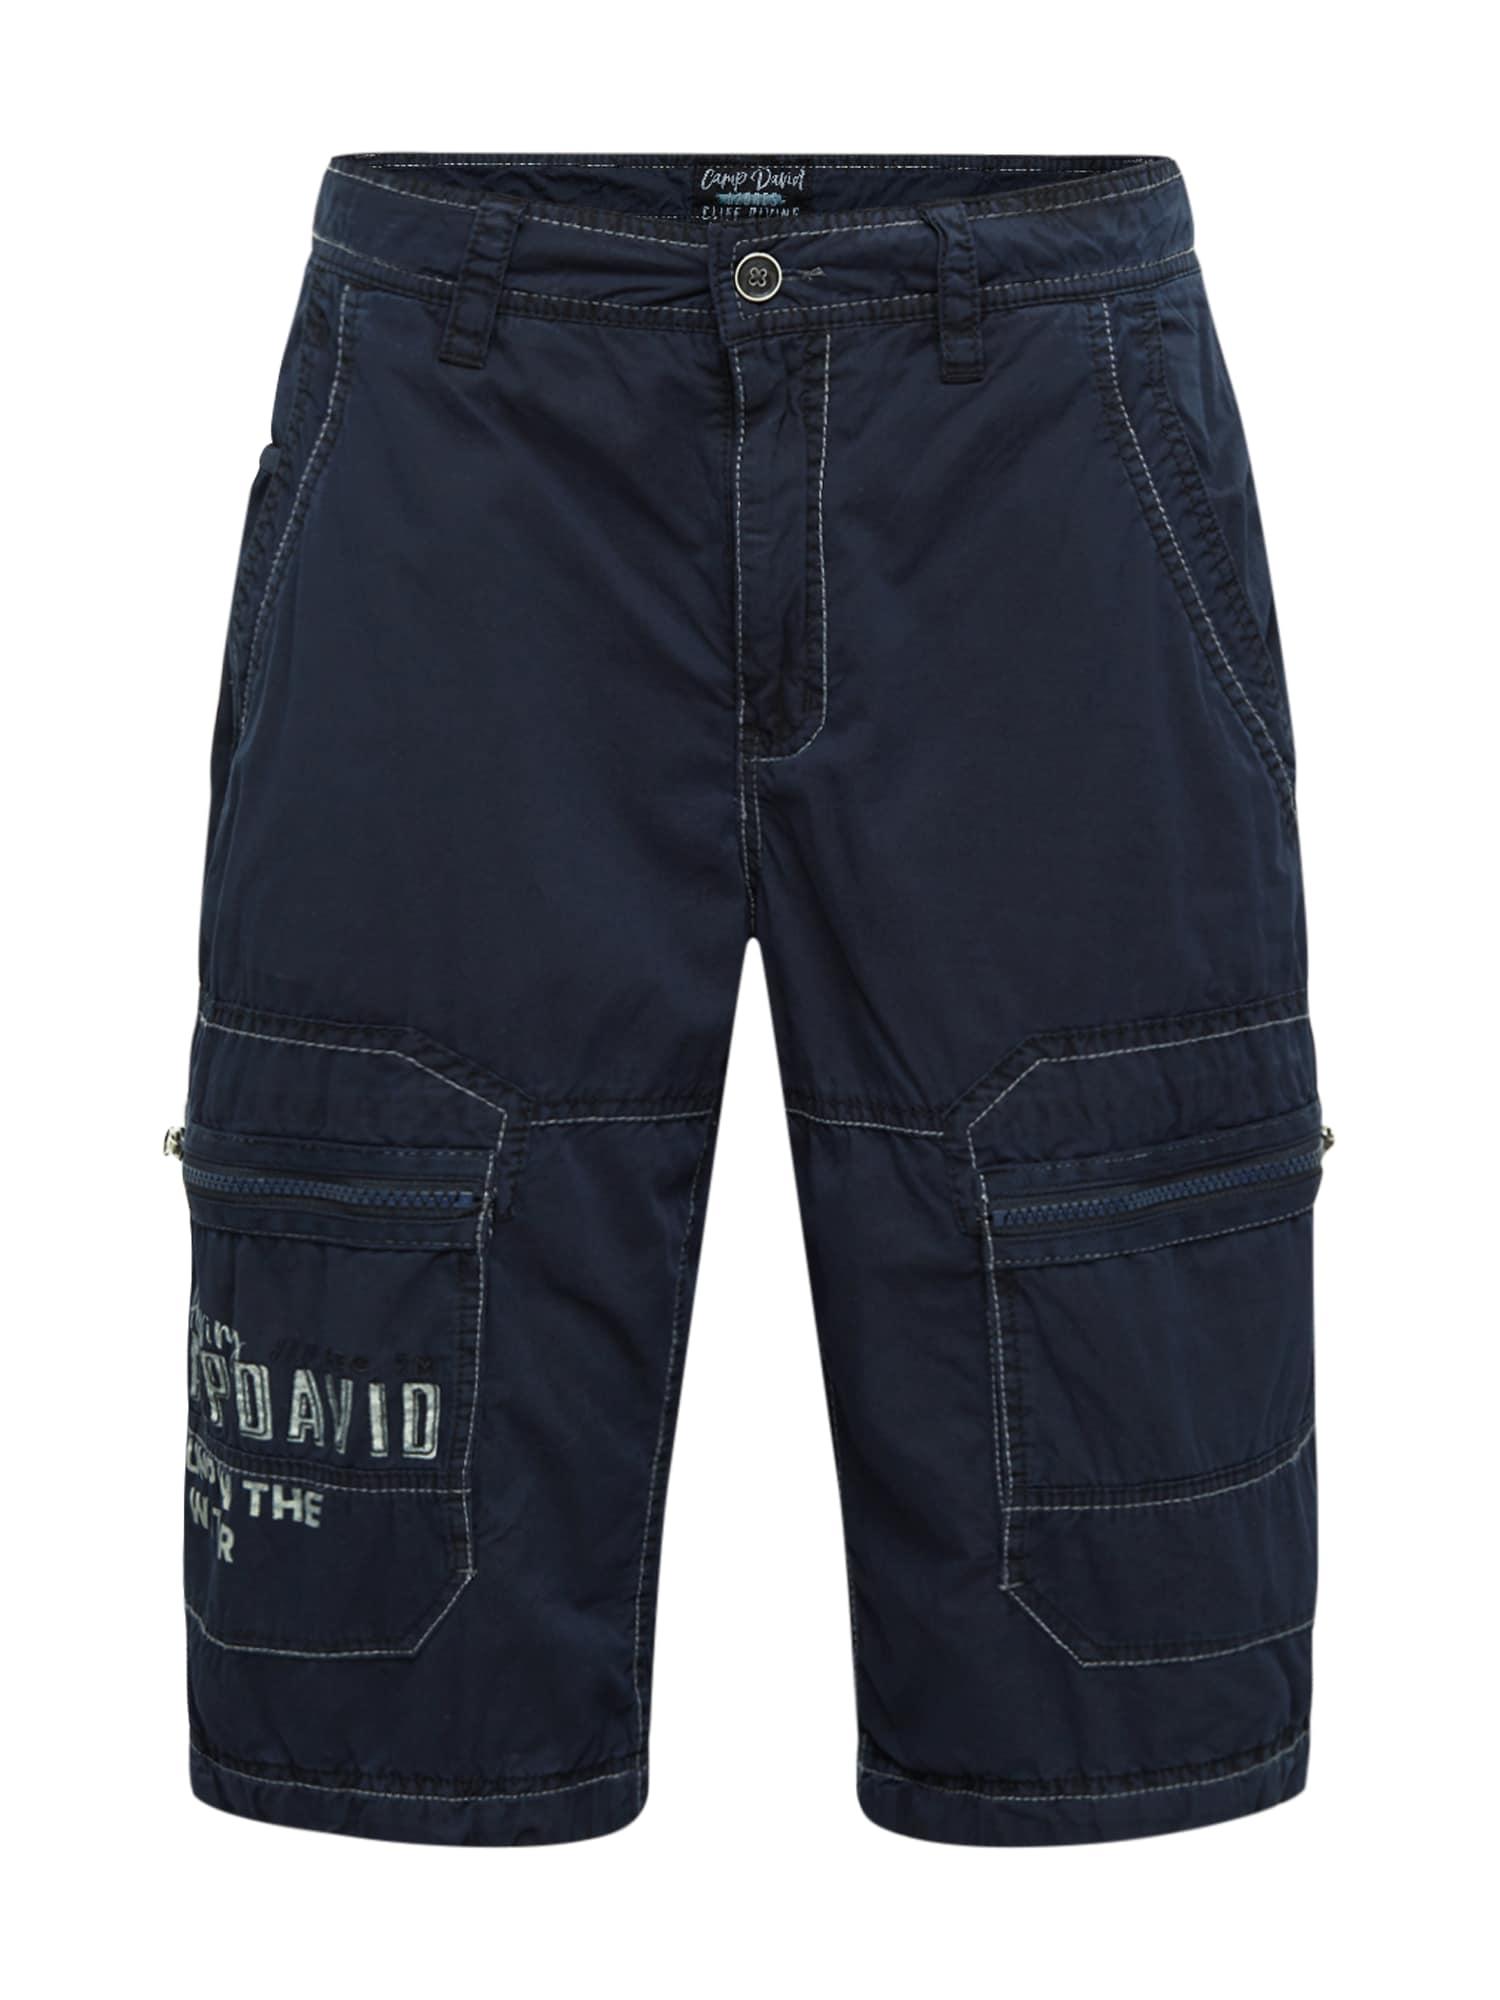 CAMP DAVID Laisvo stiliaus kelnės ultramarino mėlyna (skaidri)